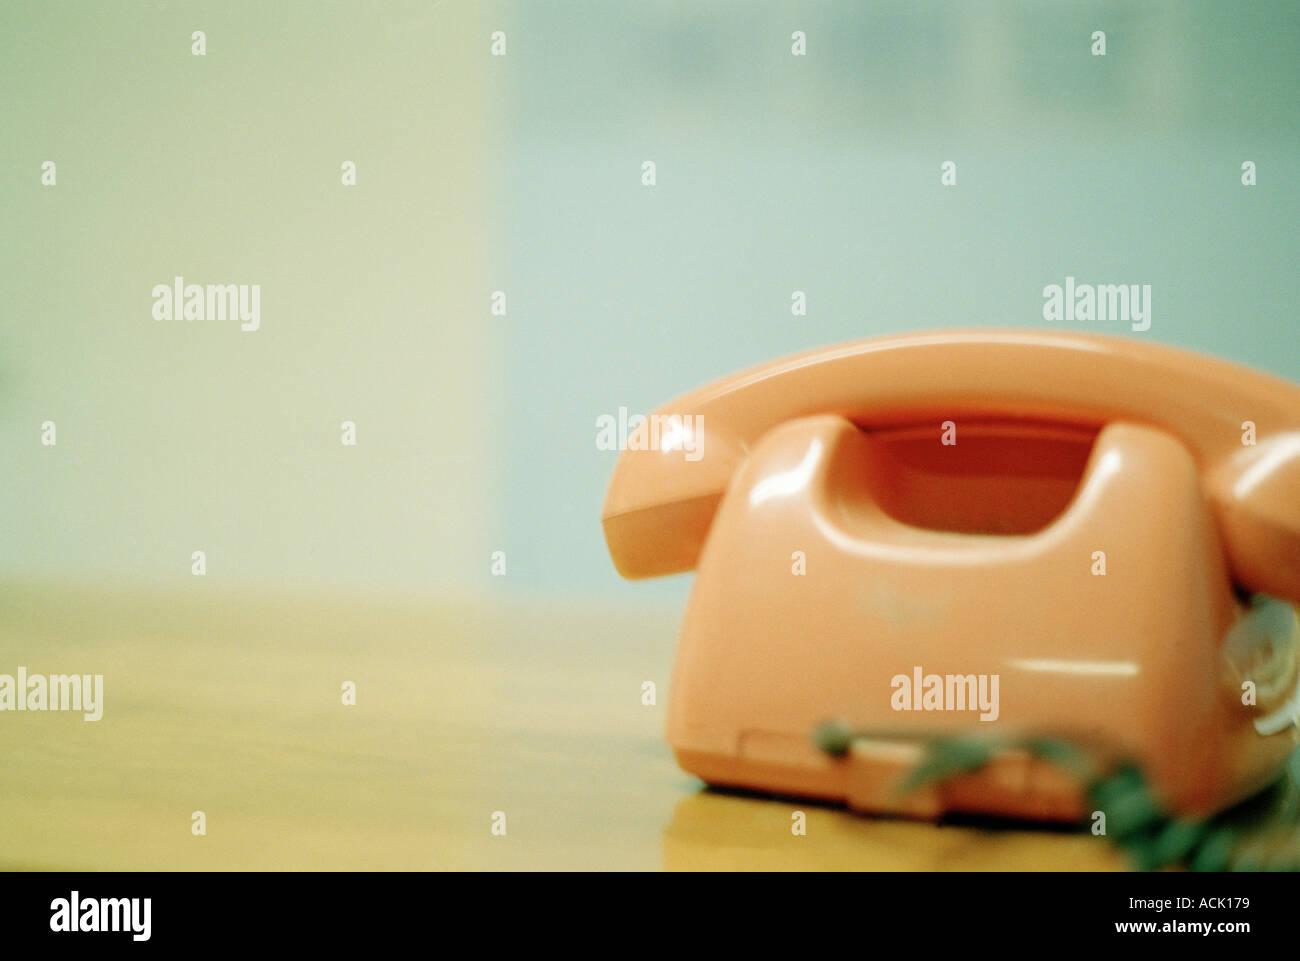 Un rétro téléphone posé sur une table Photo Stock